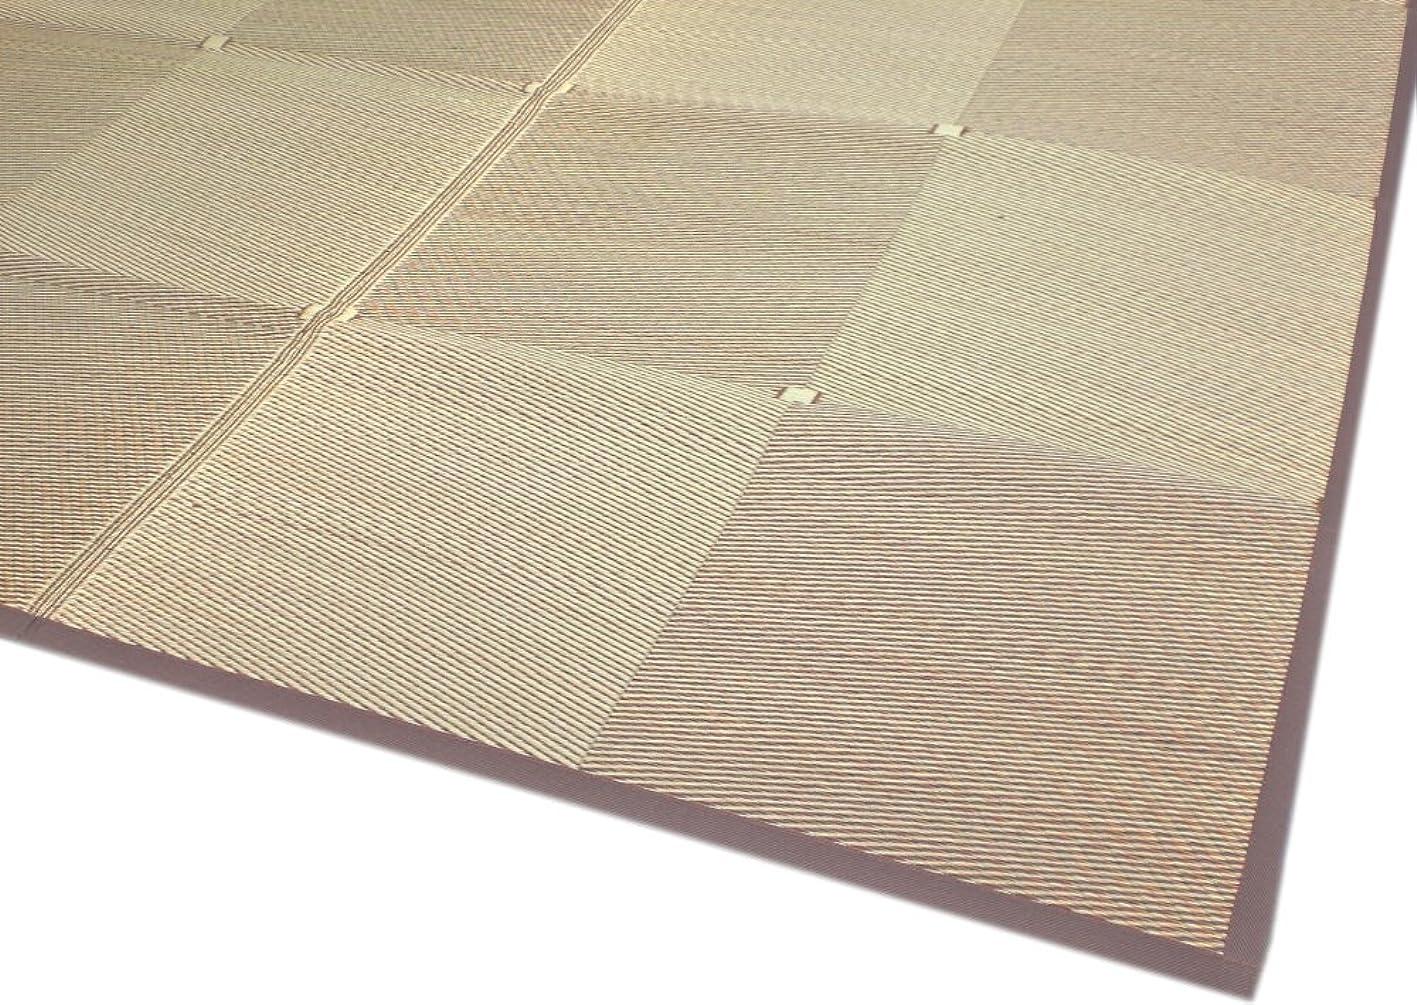 経験者罪人価値のないい草裏貼カーペット シンプルな市松模様で落ち着いたブラウン色 「市松」 本間6畳(286x382cm) 【裏貼、本間タイプ】